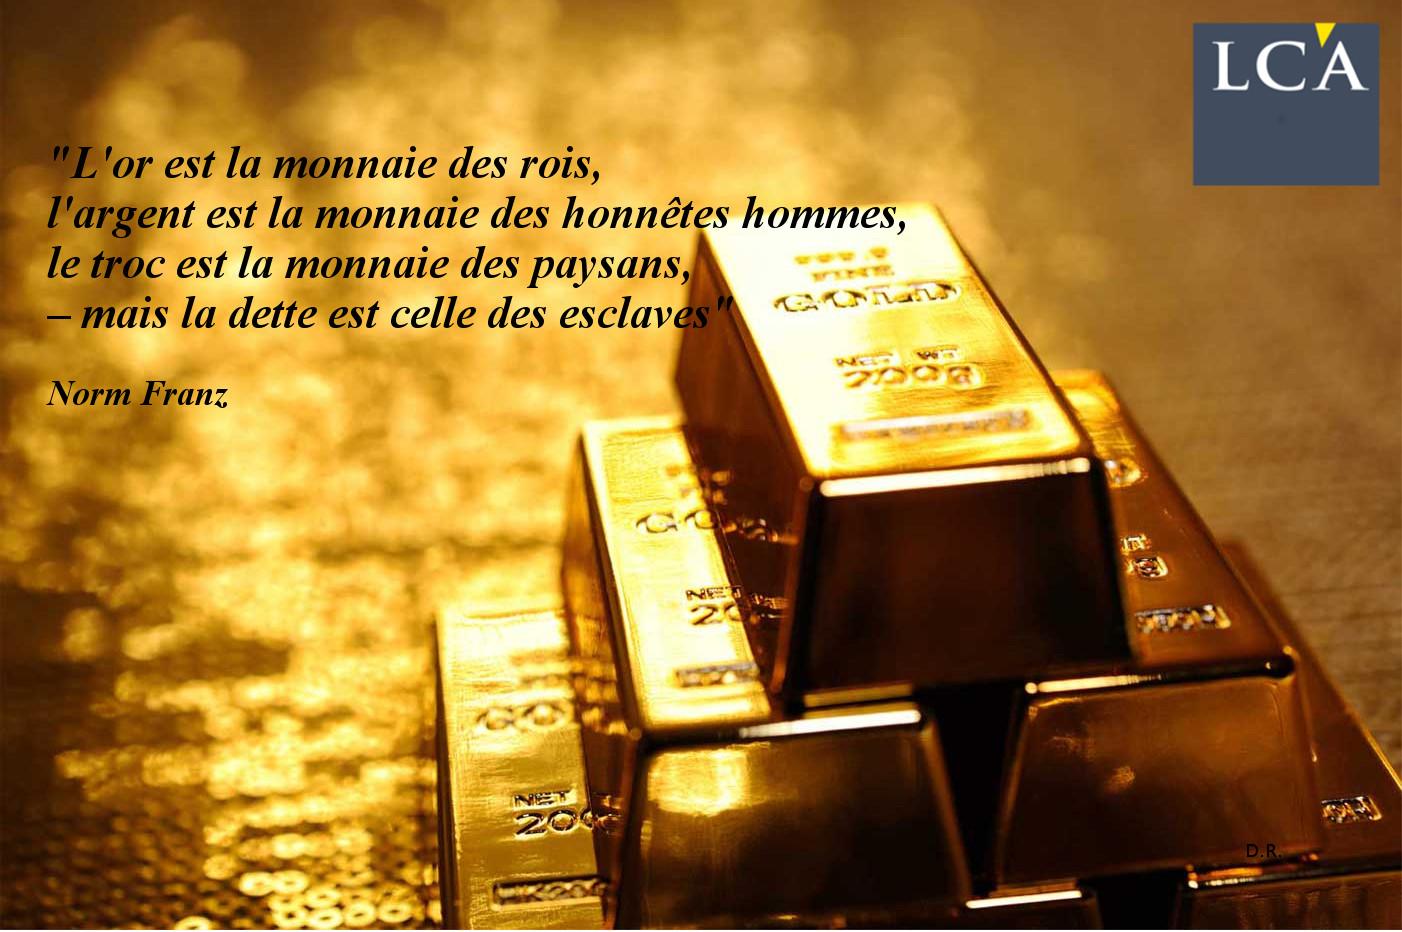 L'or, la monnaie des rois